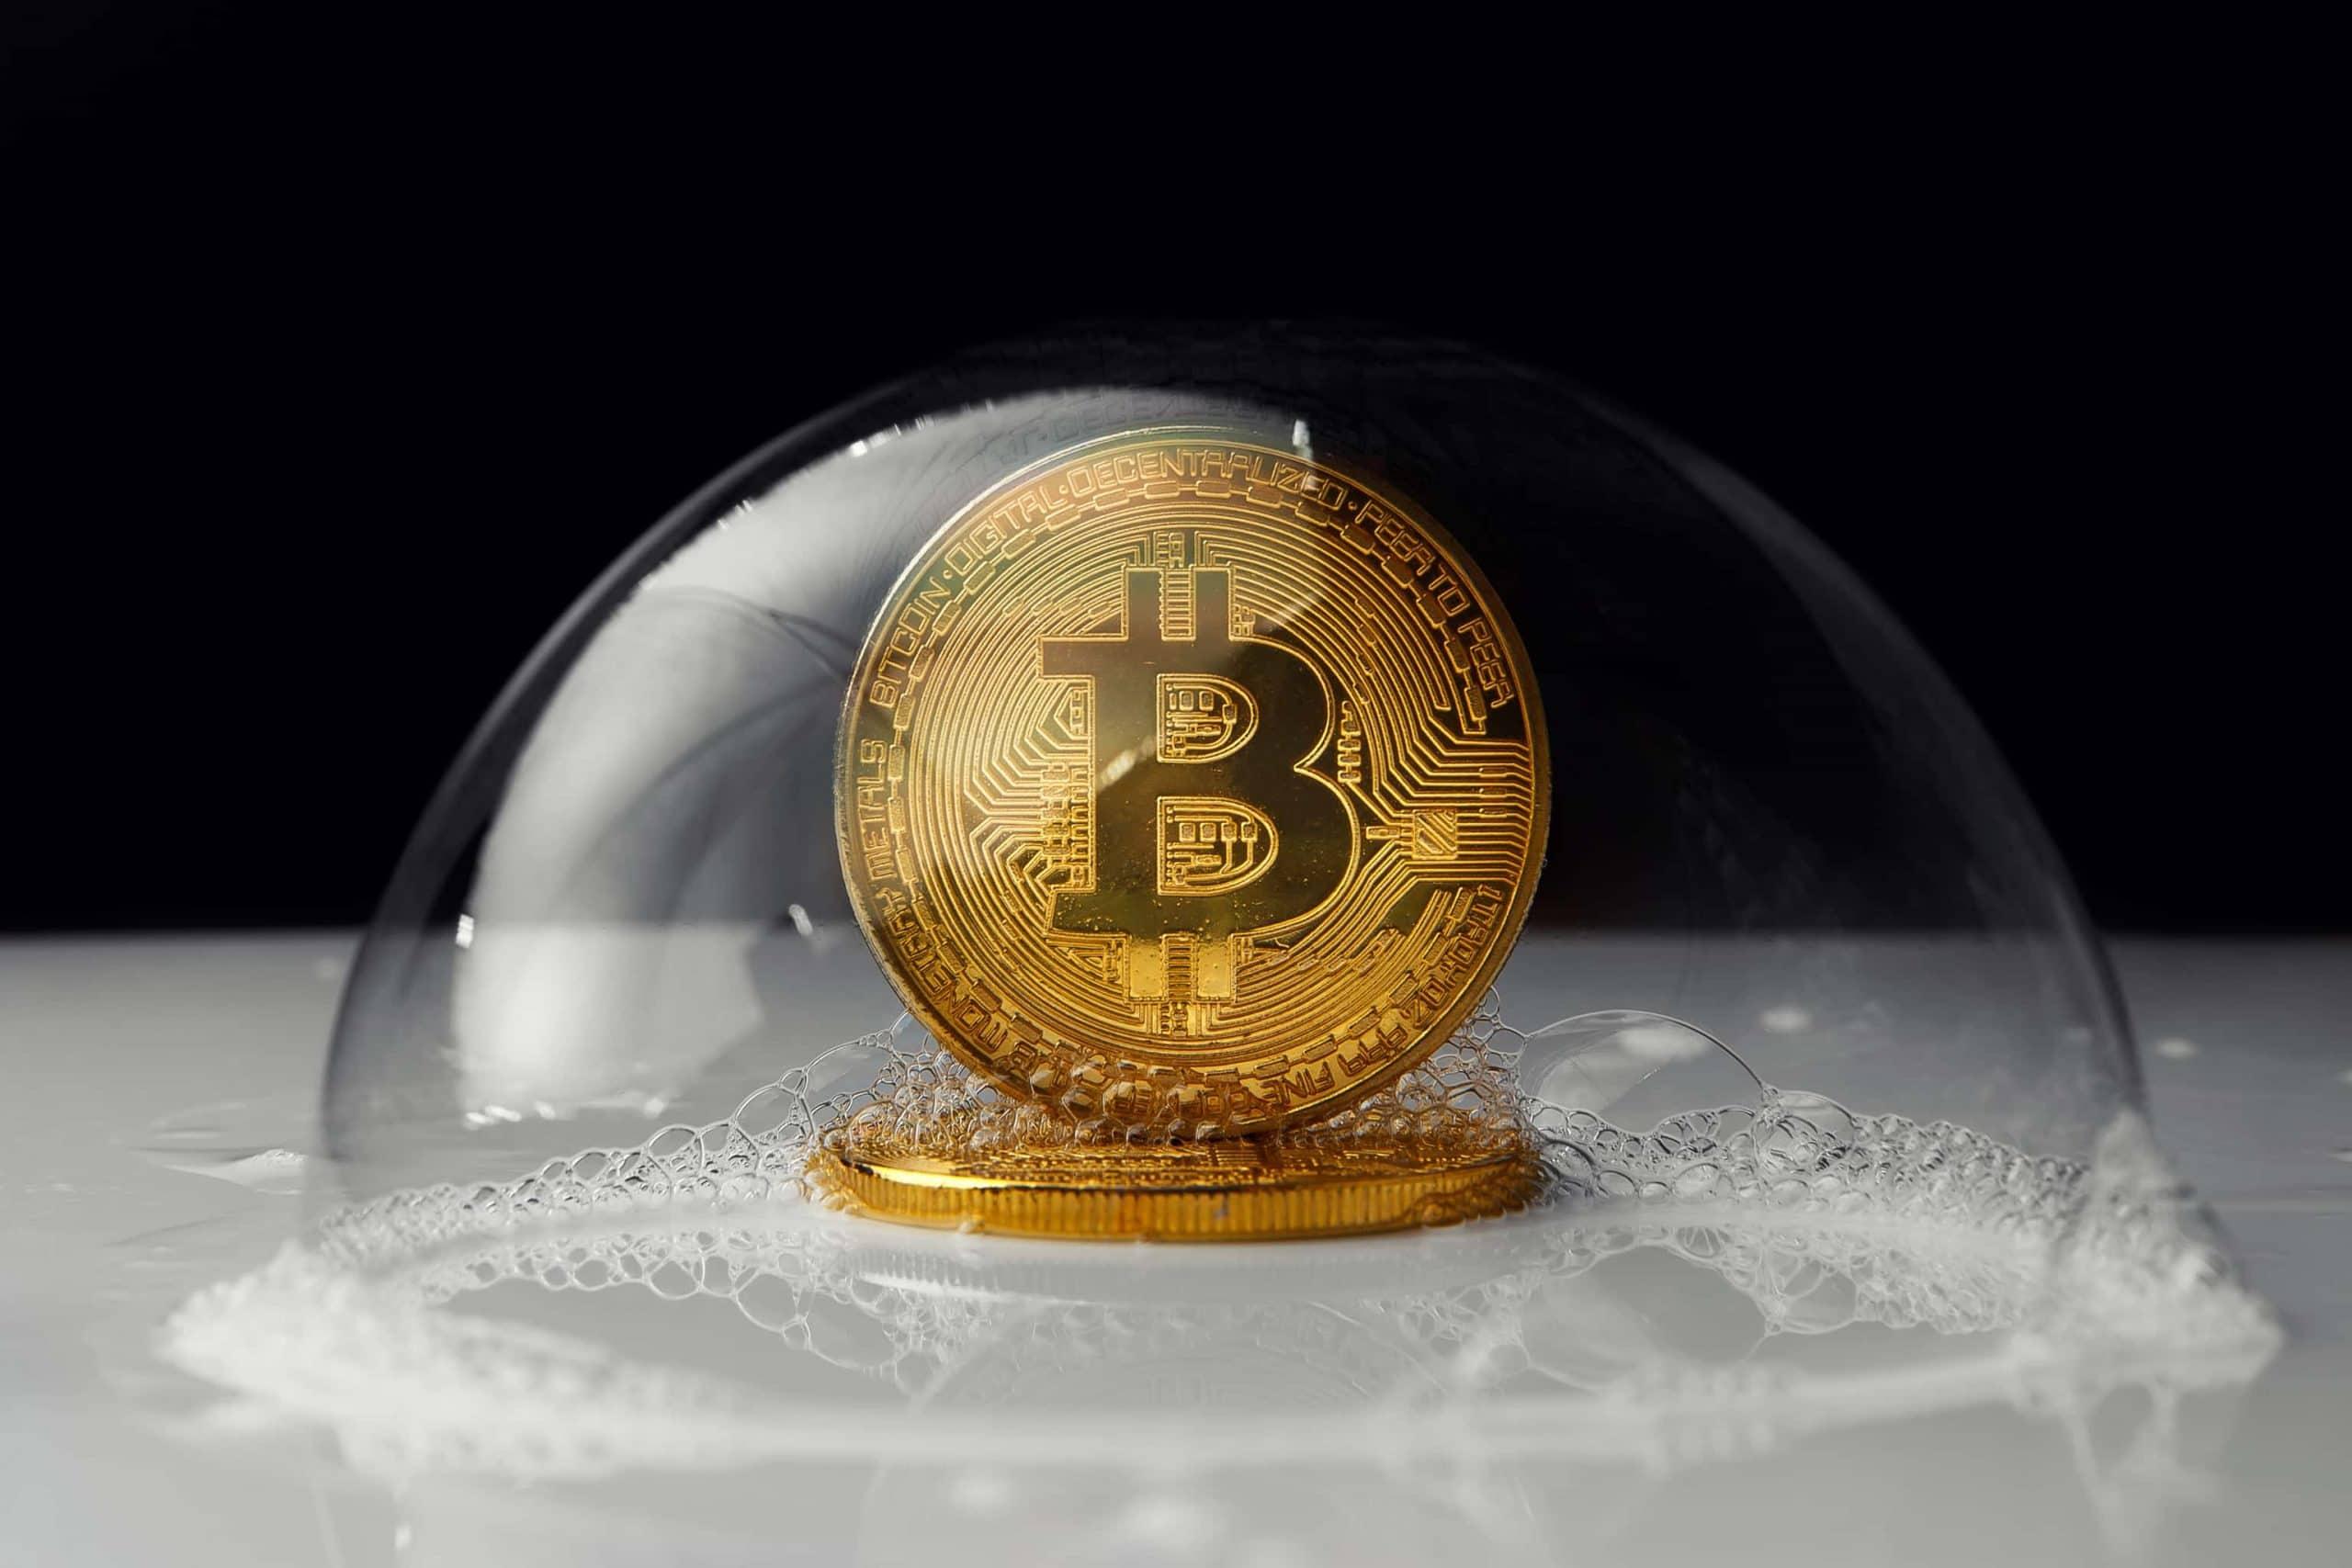 Bitcoin-Münze in einer Blase